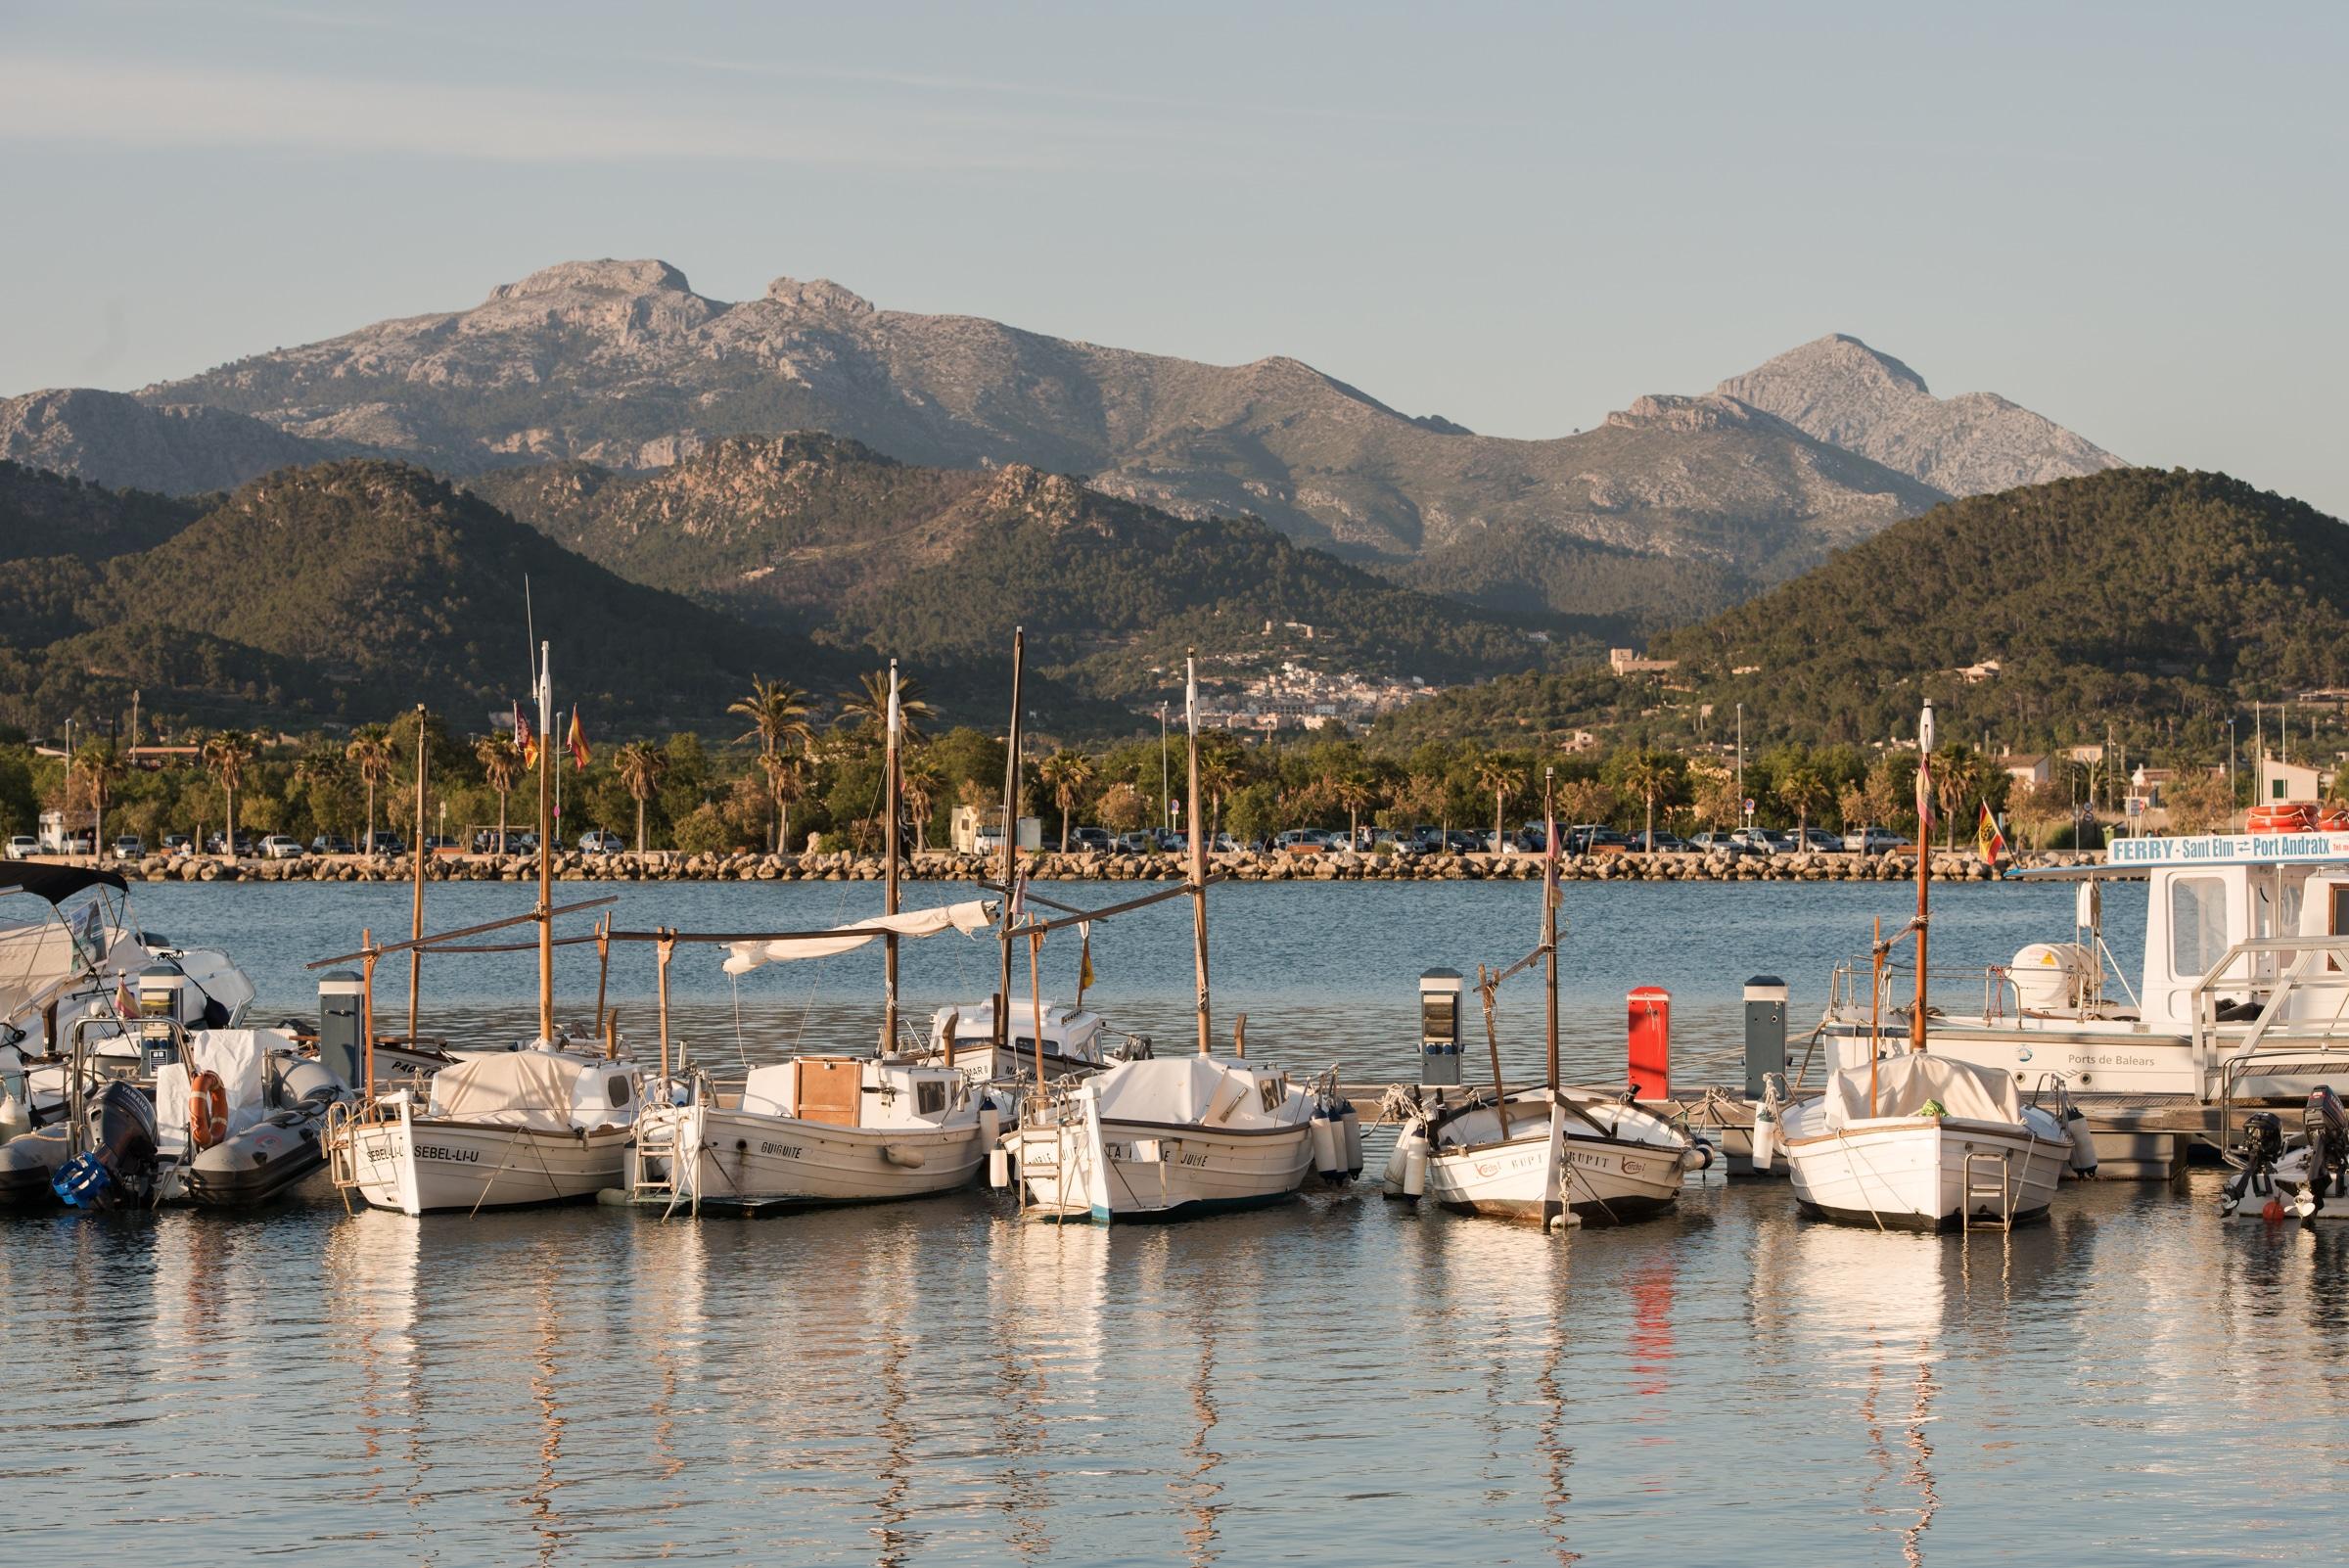 20130511 0431 - Port d'Andratx